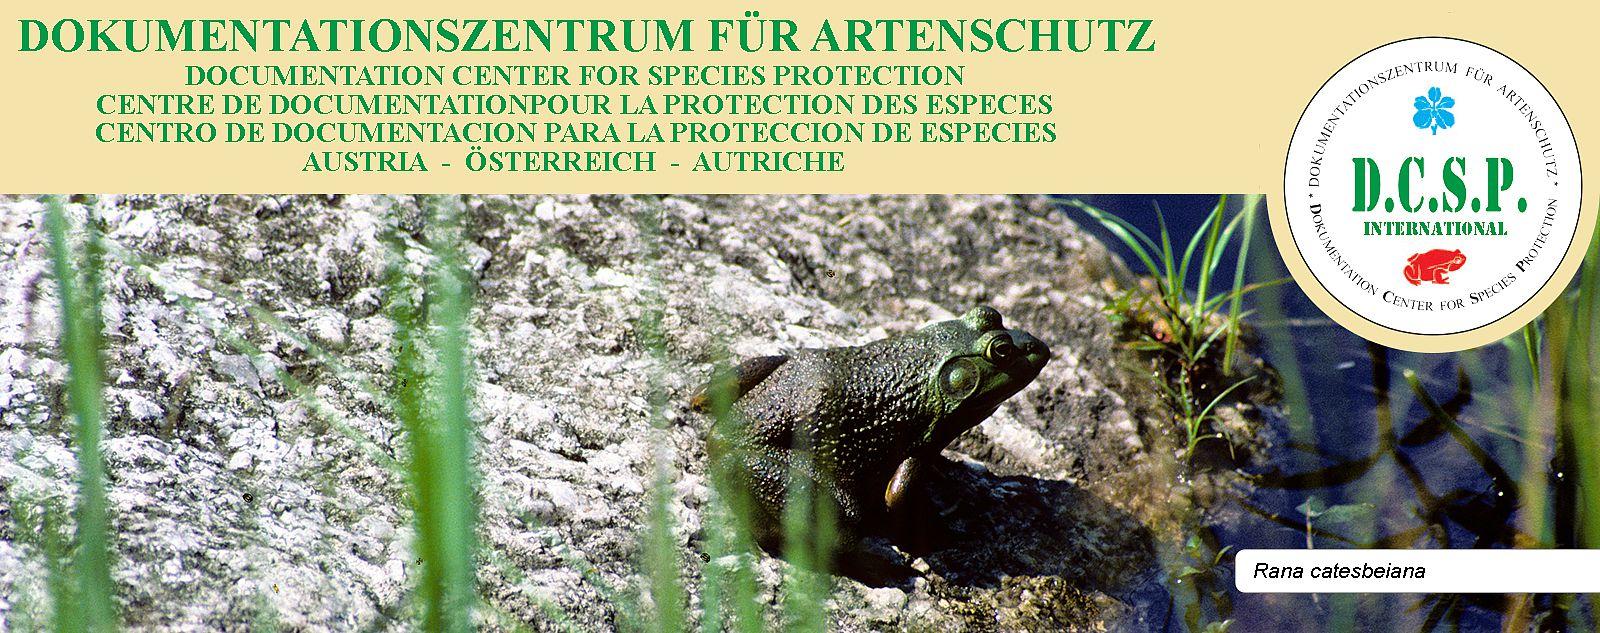 Tierschutz - Dokumentationszentrum für Artenschutz DCSP